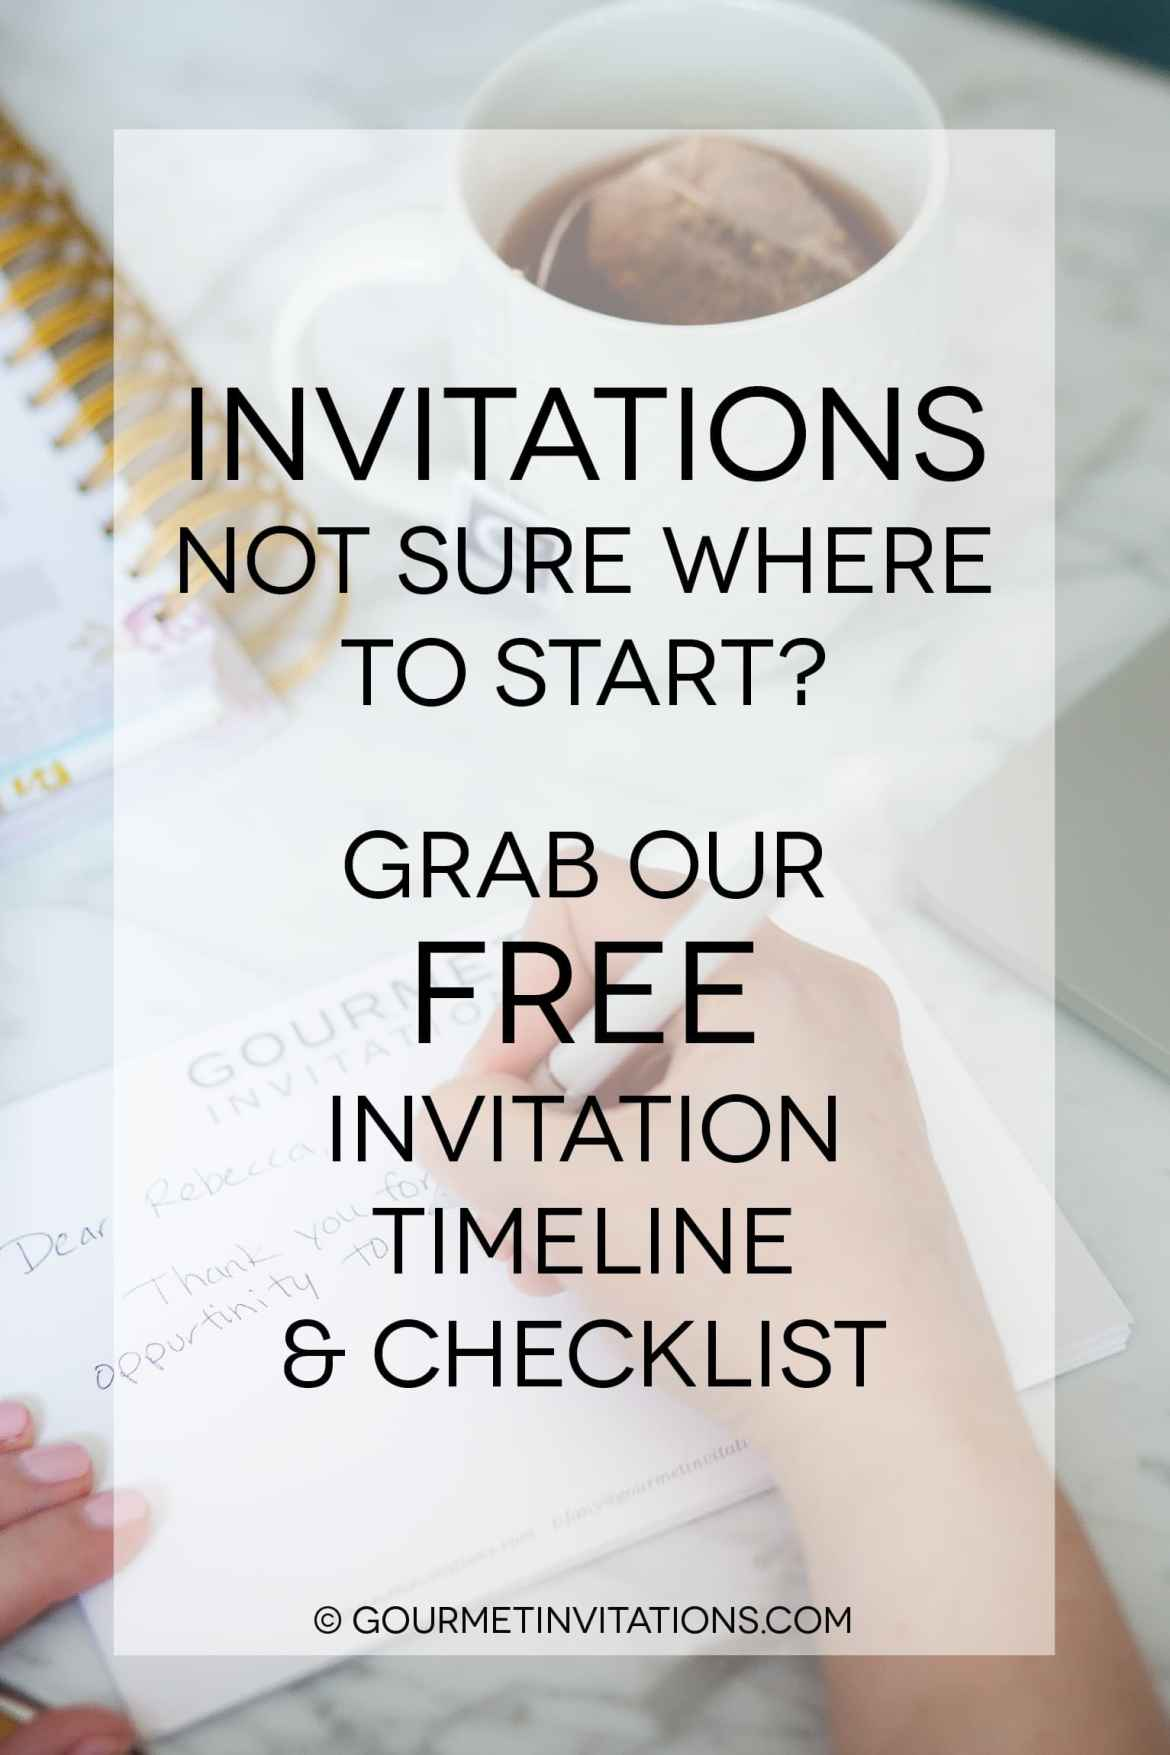 Invitation timeline